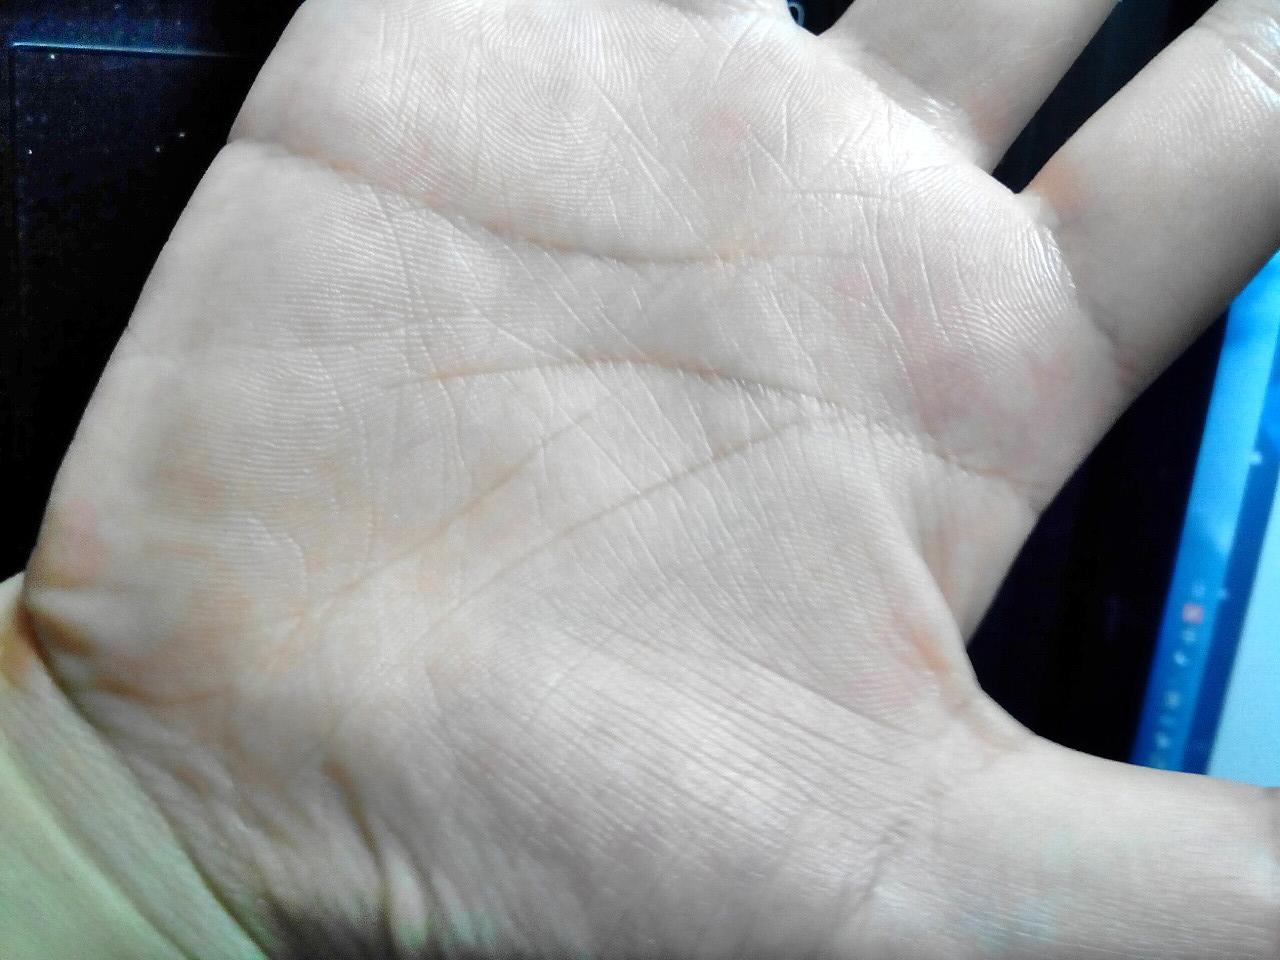 女生掌纹_拜托帮我看看掌纹,谢了,女 2013-08-21 有谁会看掌纹,帮我看一下,女生